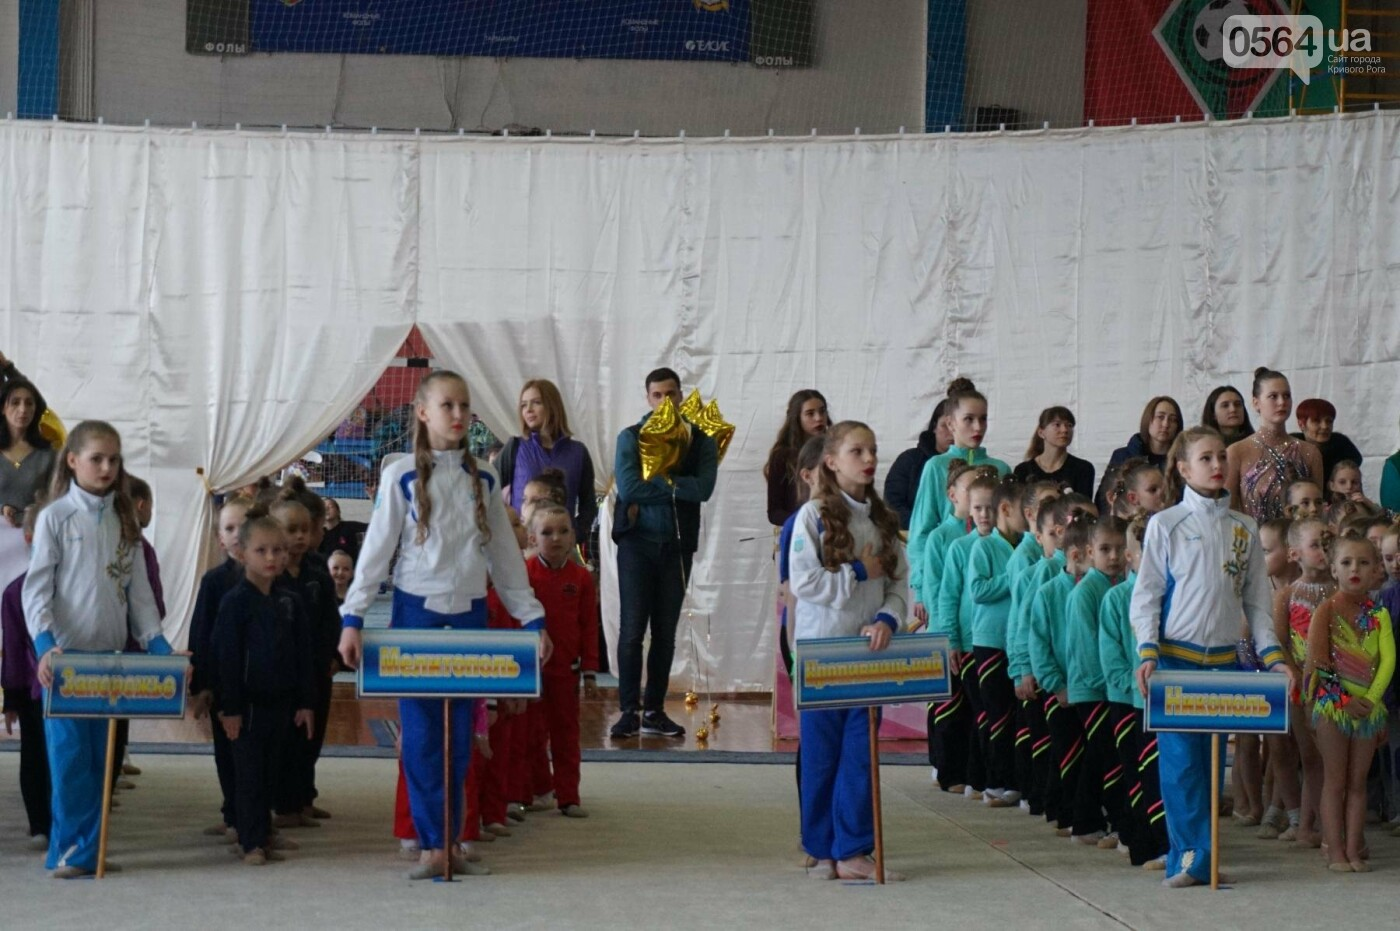 Праздник красоты и грации состоялся в Кривом Роге (ФОТО), фото-34